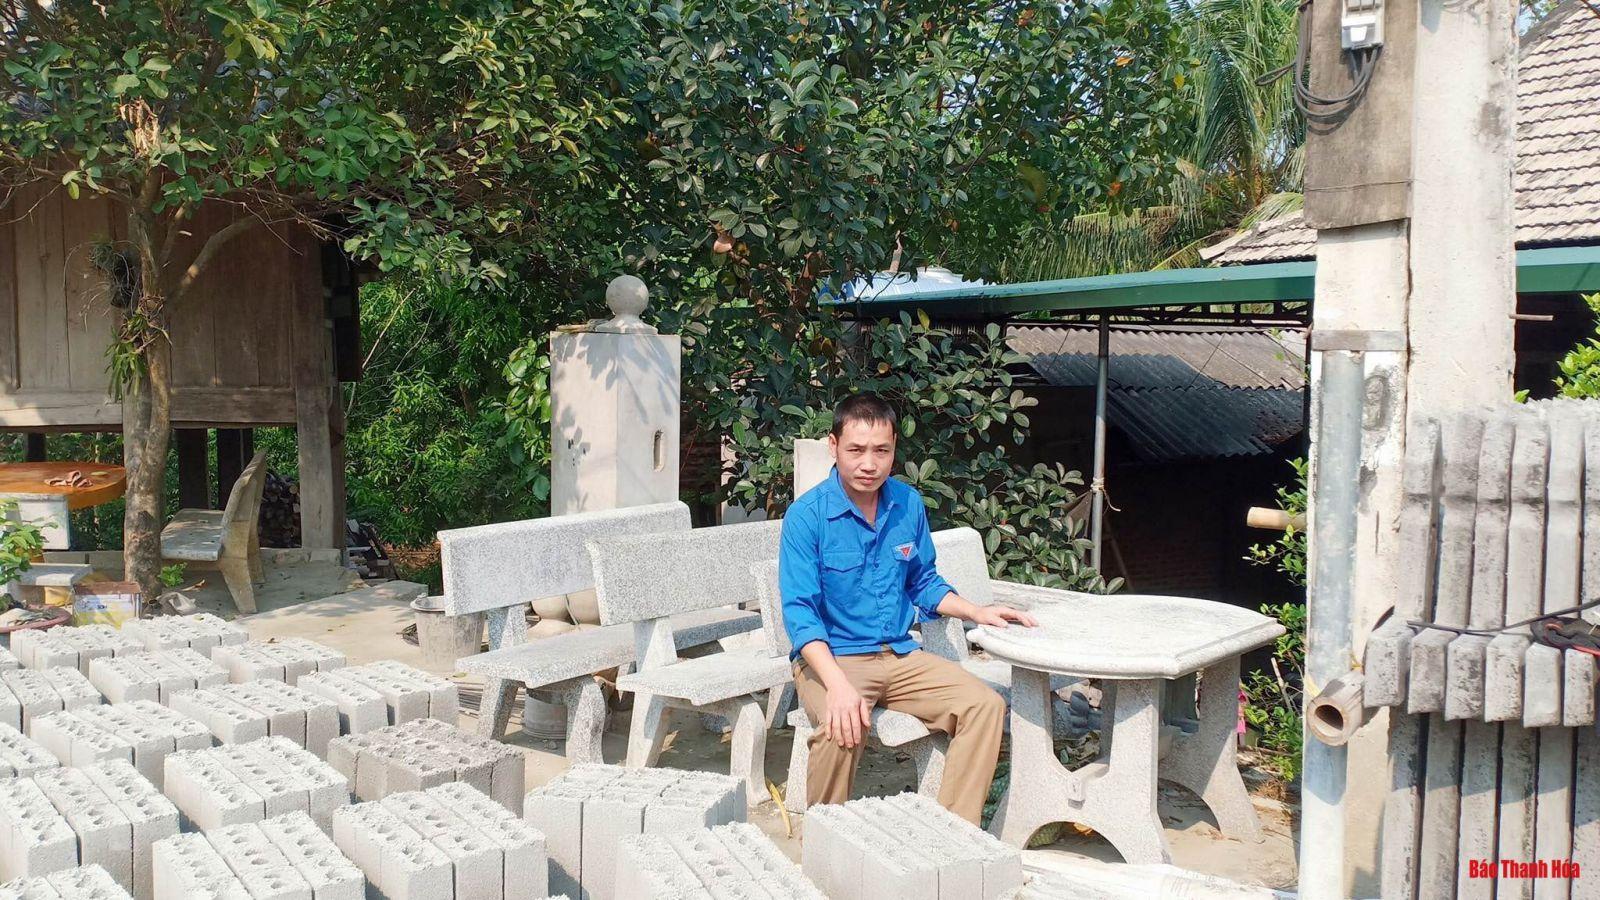 Ngoài sản xuất gạch vồ, anh Hà Văn Chục nghiên cứu sản xuất thêm một số sản phẩm thủ công mỹ nghệ từ bột đá và xi măng.